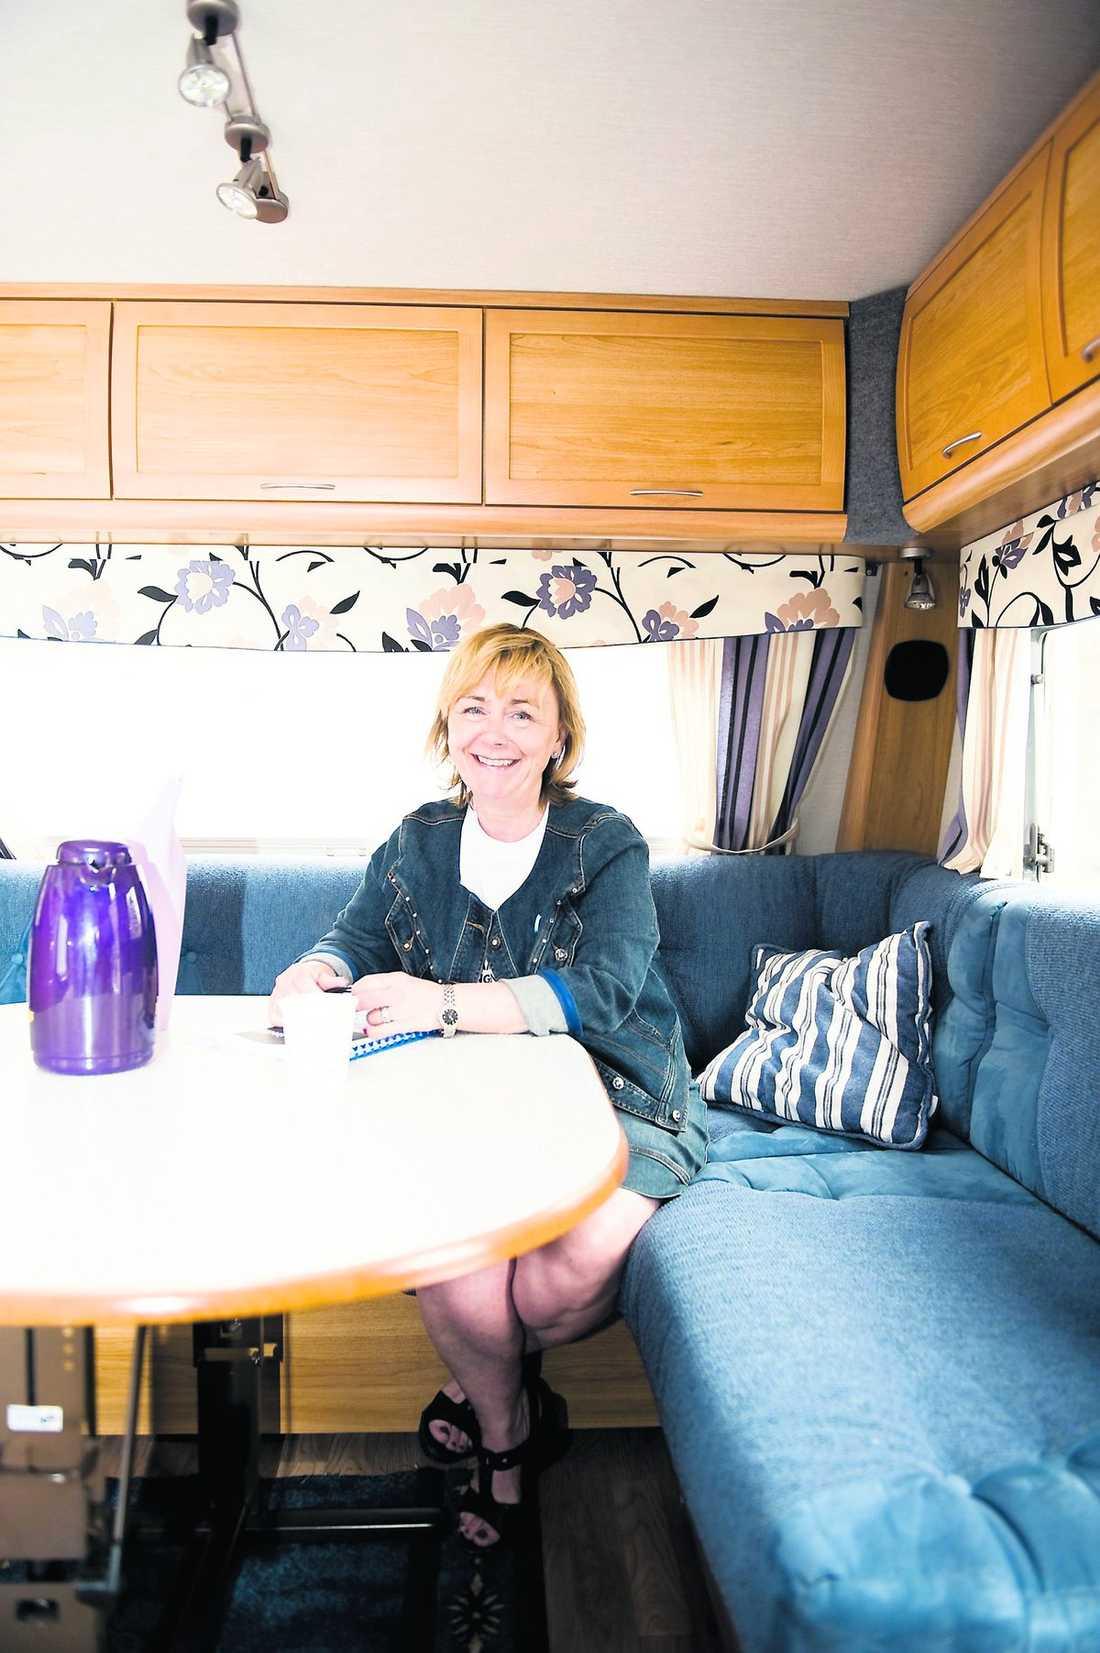 """Röstmagnet: fyra plus Fordon + val av plats = snudd på succé! Campingar är som små samhällen där folk vill ha saker att tala om. Dessutom är det fullt av semestrande familjer som bara väntar på kändisbesök. Husvagnen blir stället som man bara måste besöka och kolla in. Stort snackvärde på campingen – """"Har du varit där?, Vad snackade ni om?, Vad tyckte du om henne?"""" Bea kan bli isbrytaren på hela campingen: """"Snackat med Beatrice?"""""""